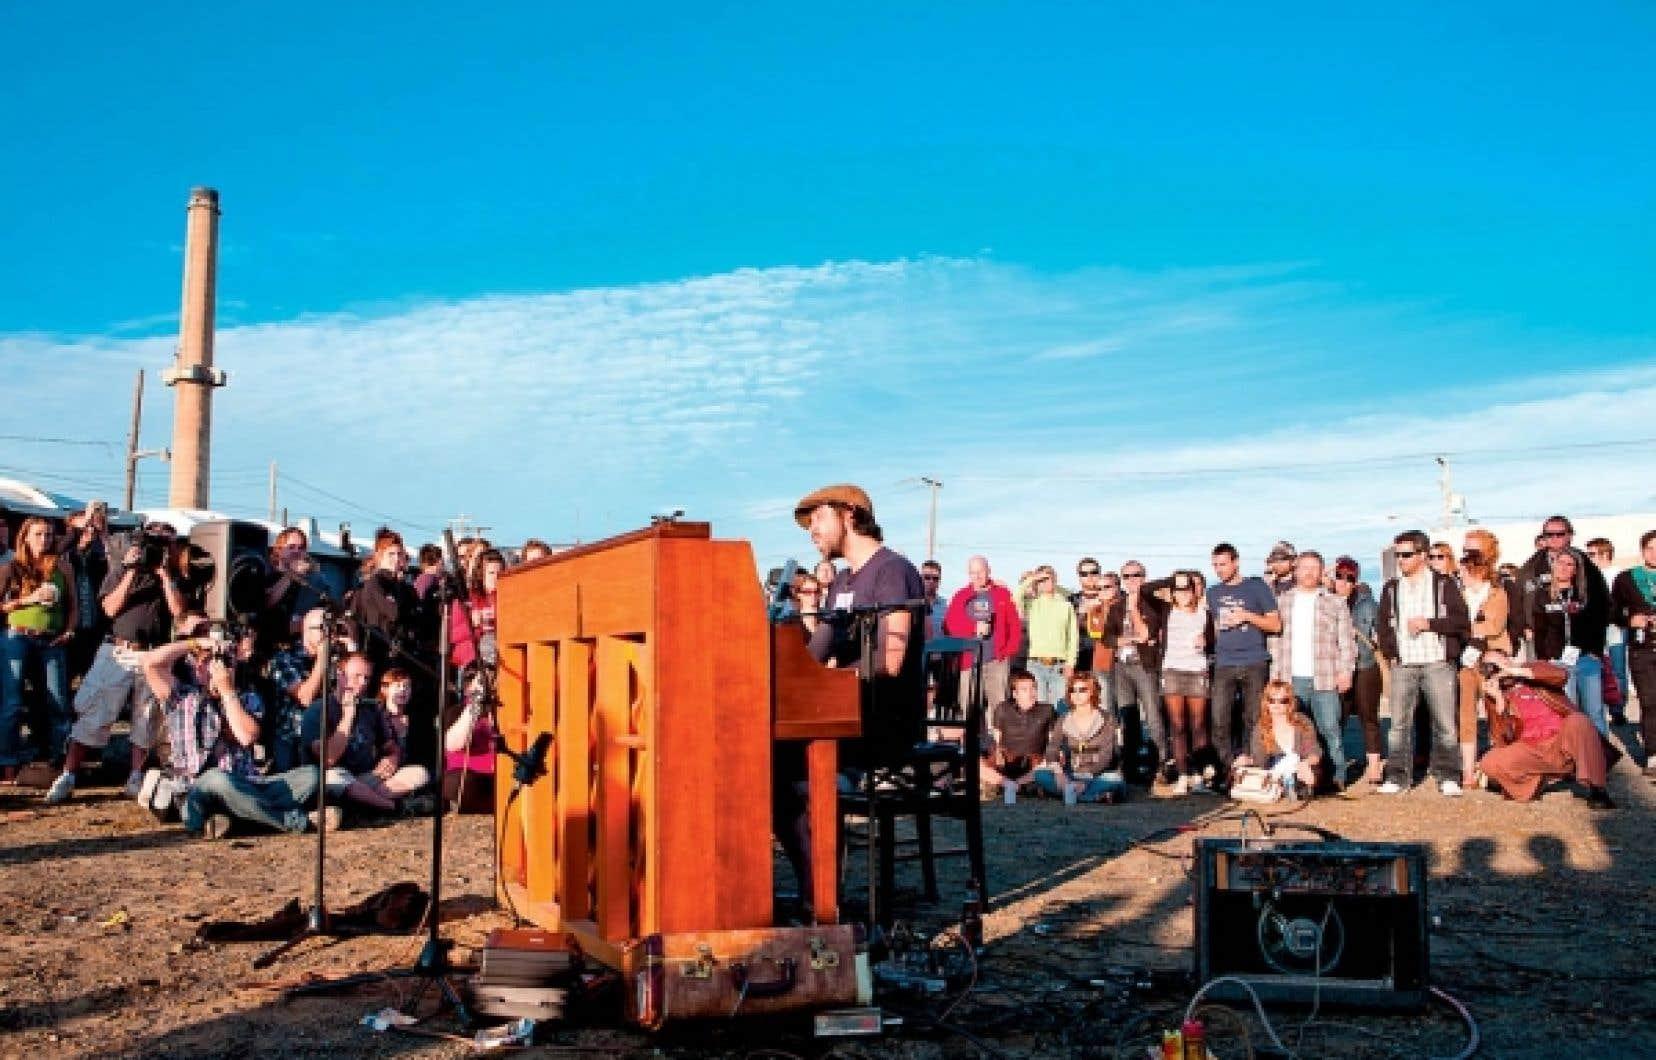 Patrick Watson au piano, lors de son concert présenté samedi aux abords de la fonderie Horn, à Rouyn-Noranda.